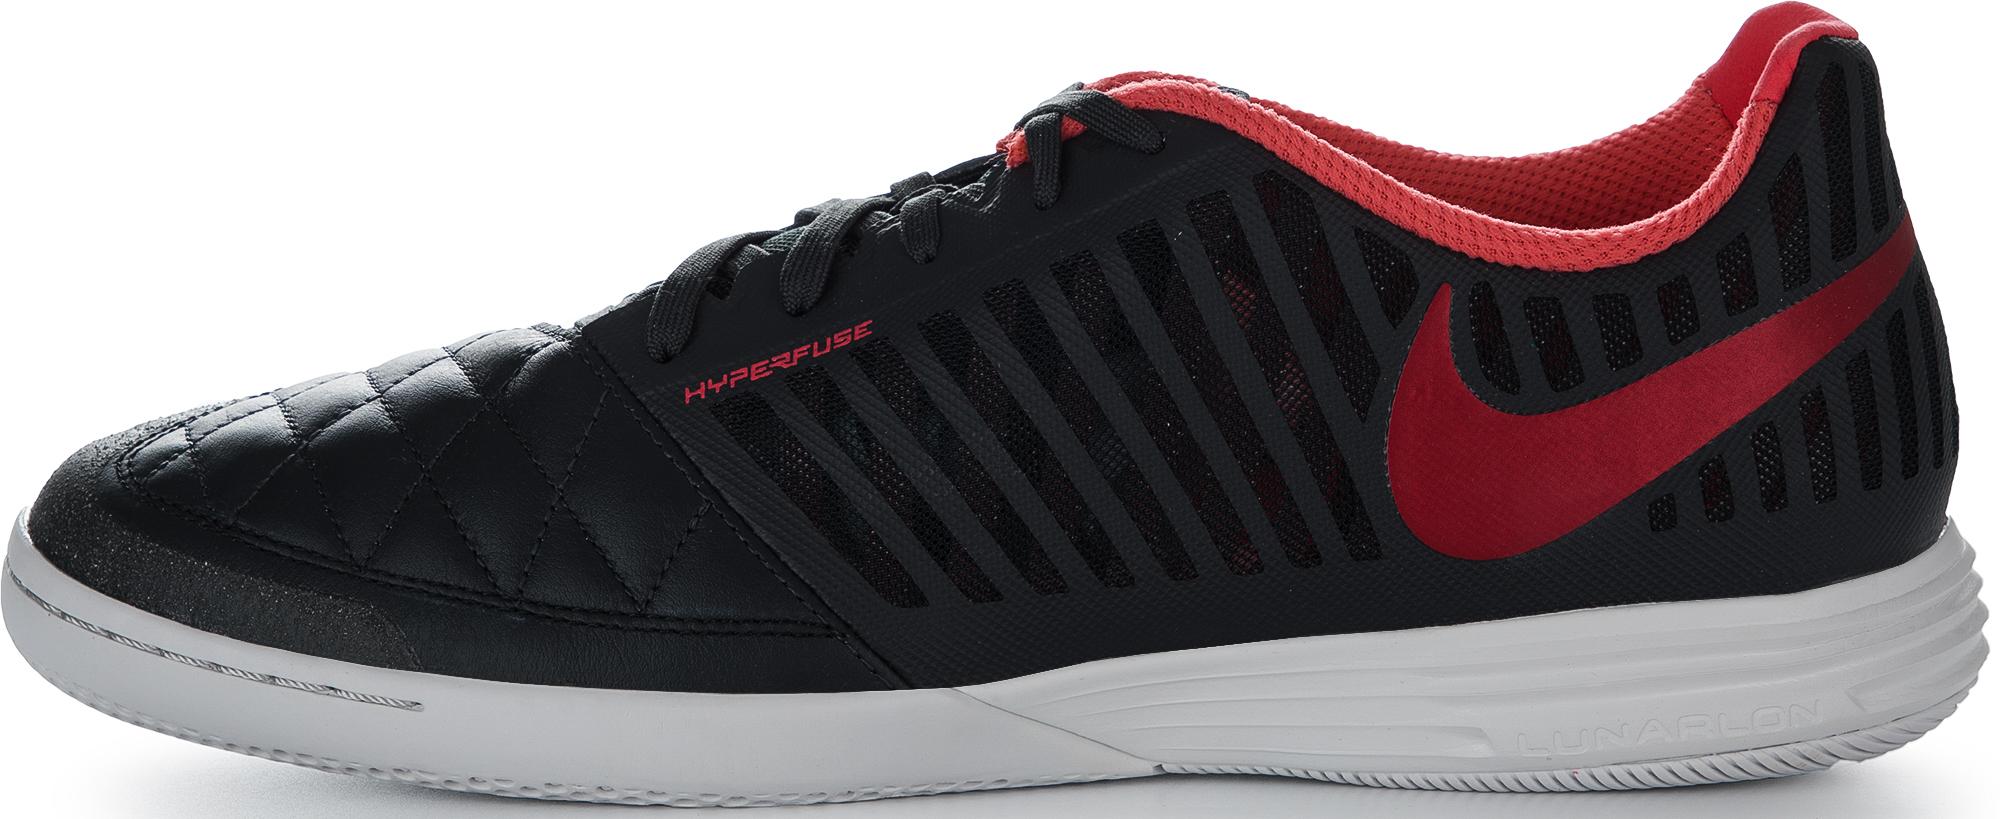 цена Nike Бутсы мужские Nike Lunargato II, размер 45 онлайн в 2017 году